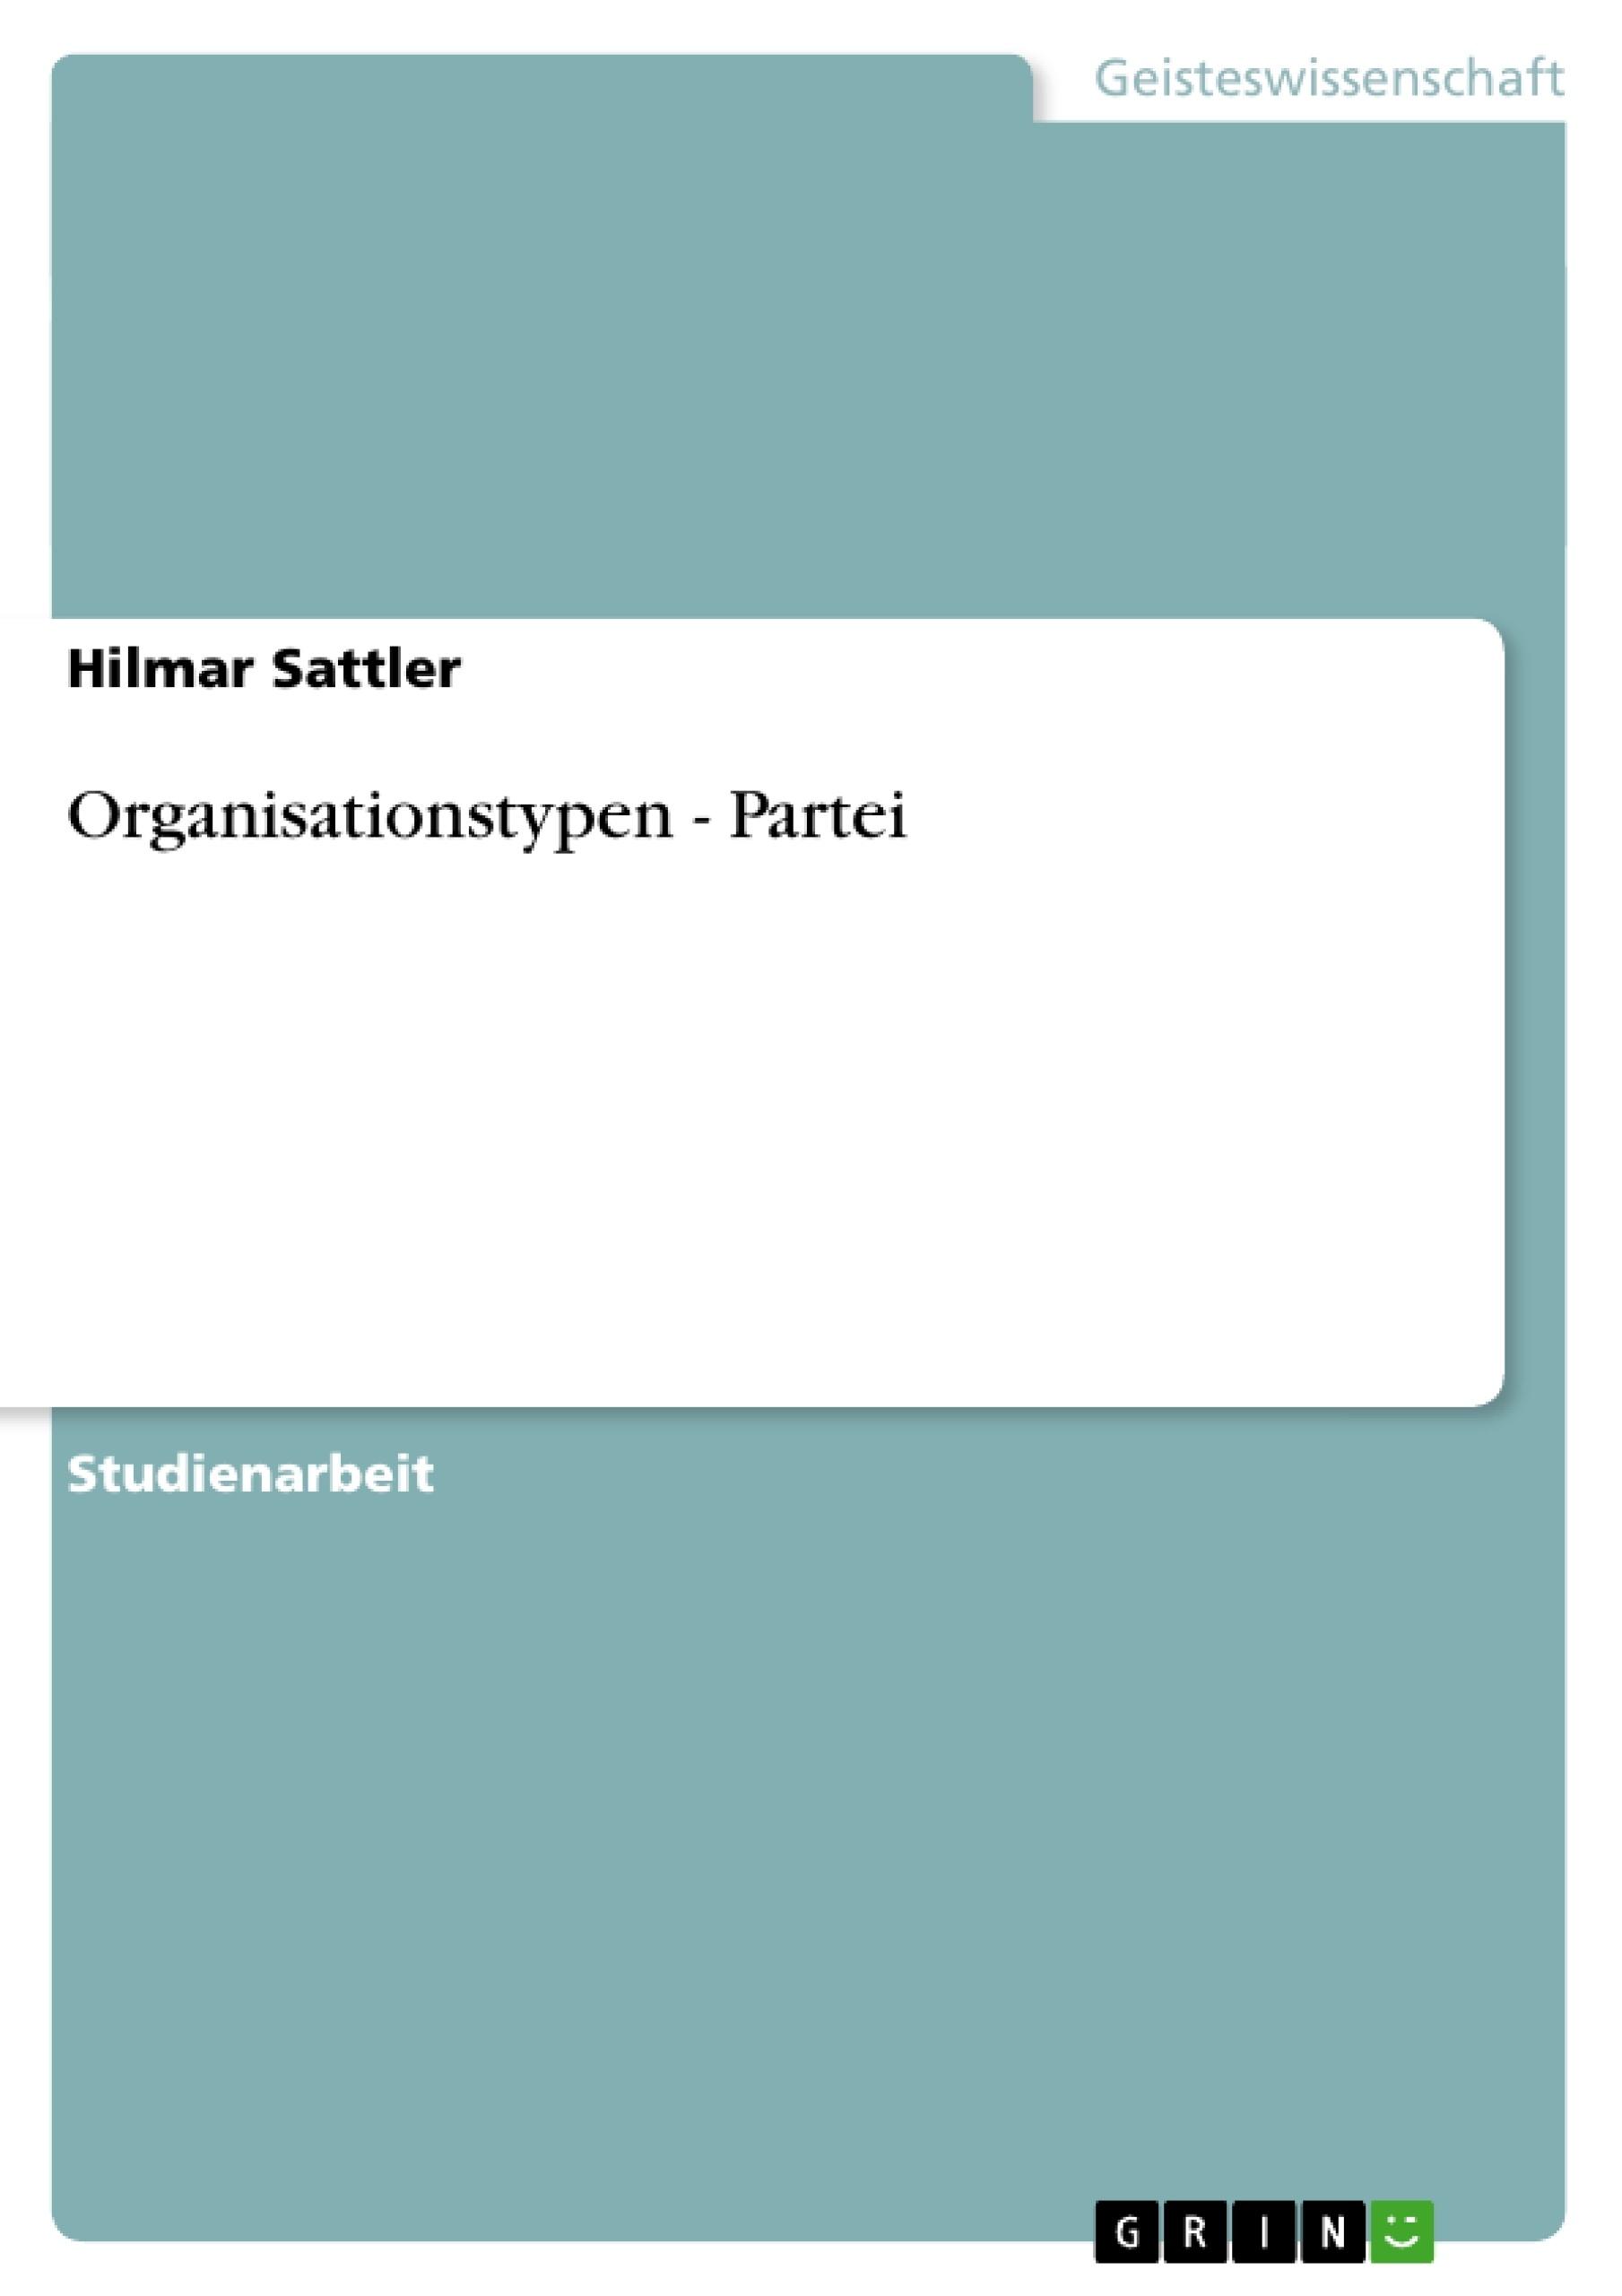 Titel: Organisationstypen - Partei